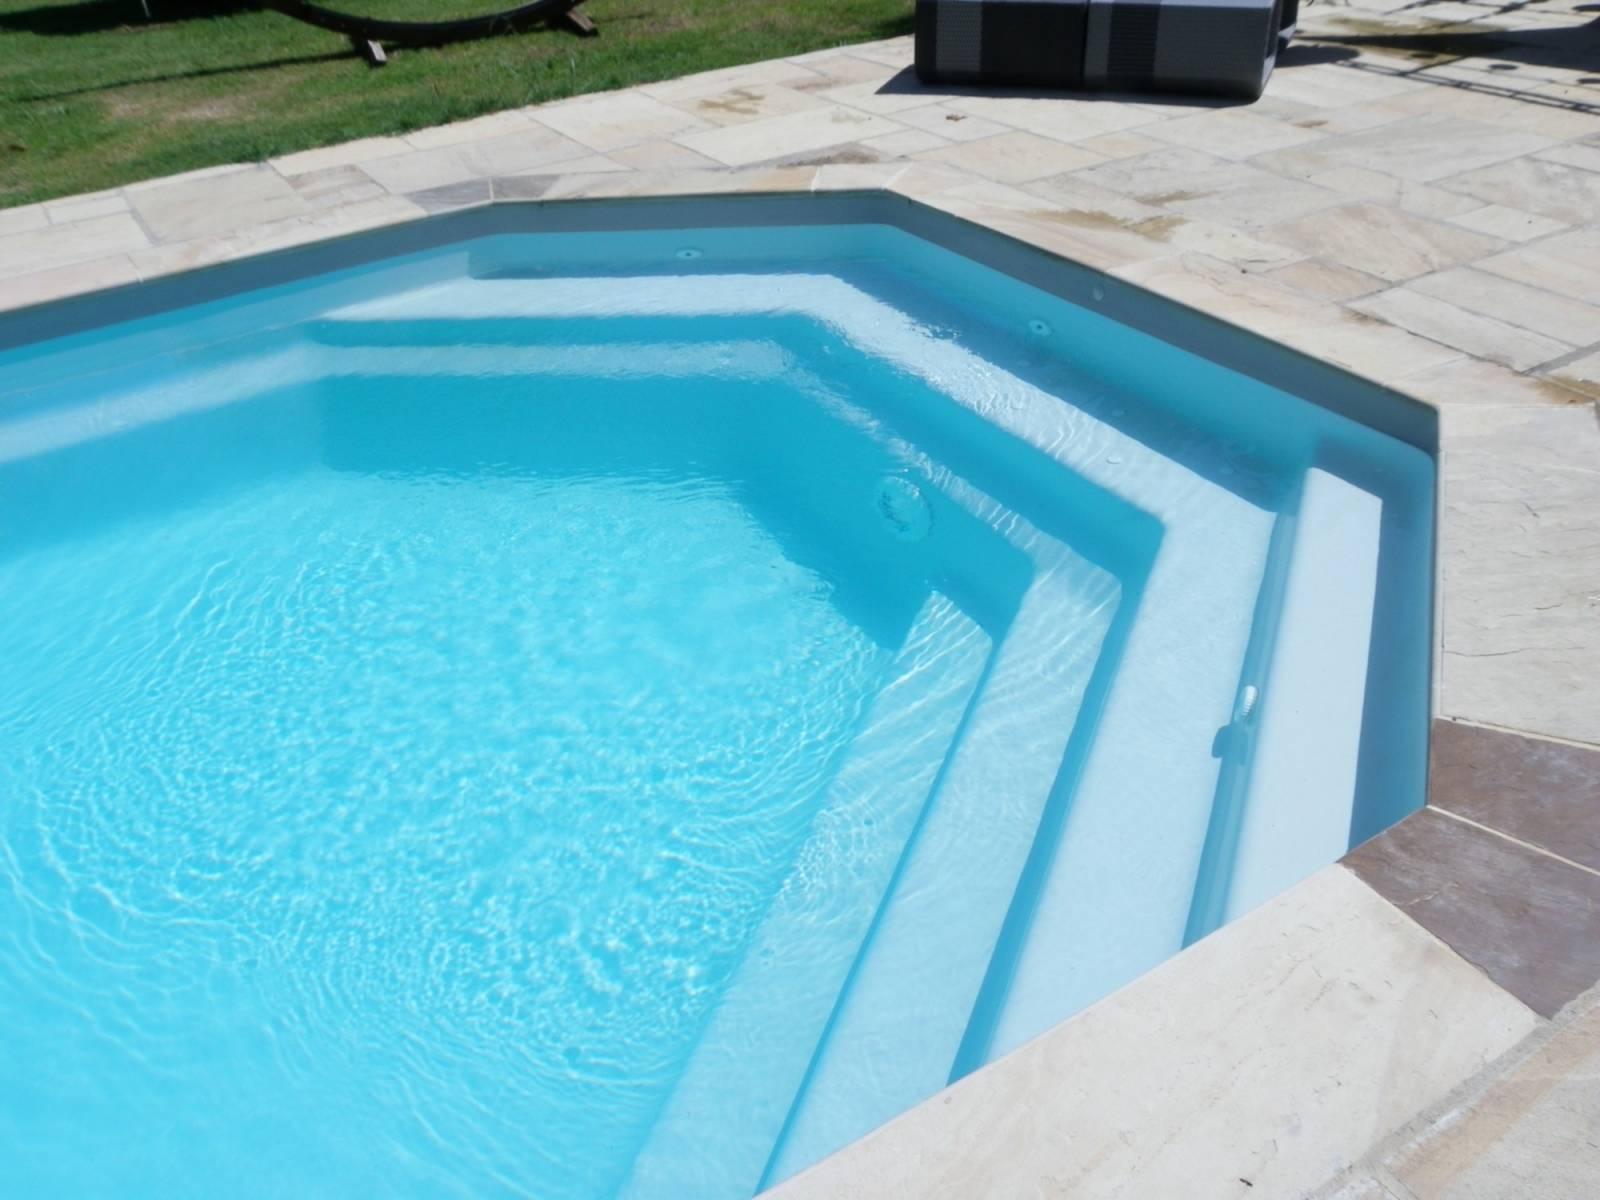 Piscine coque polyster alliance piscines mod le tanzanite for Piscine coque alliance